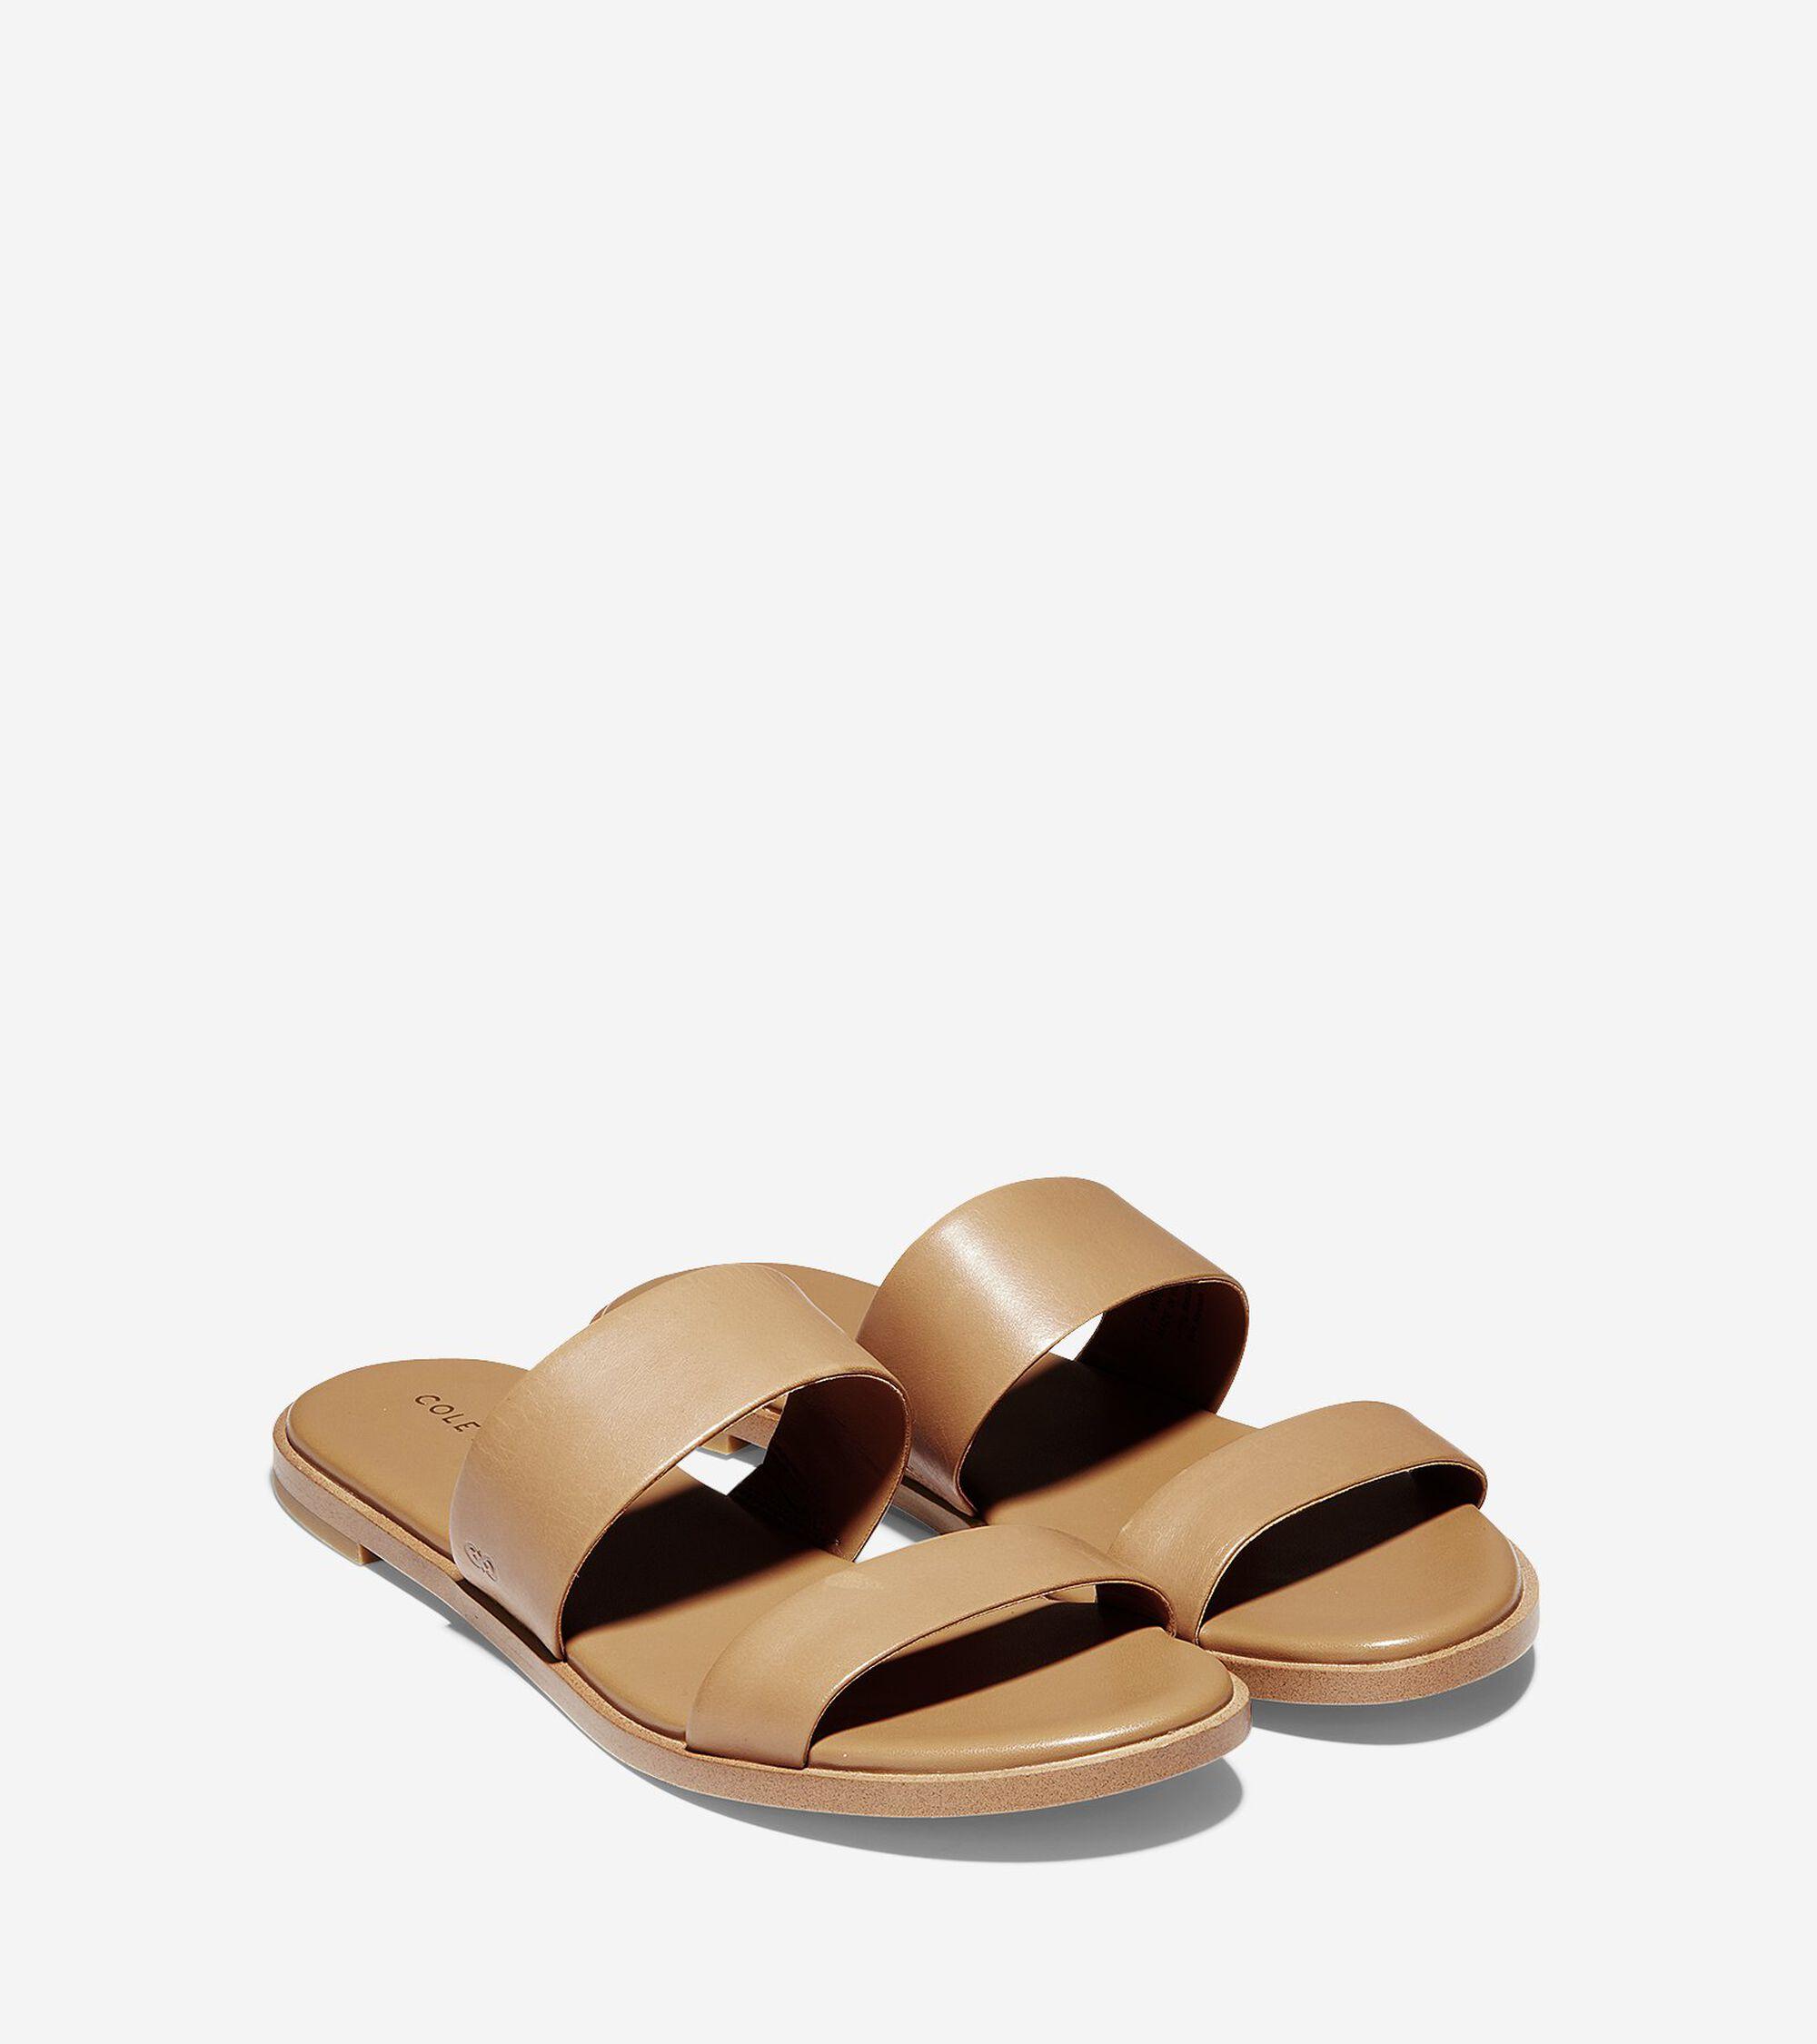 82acf0949286 Findra Sandal · Findra Sandal · Findra Sandal · Findra Sandal.  COLEHAAN